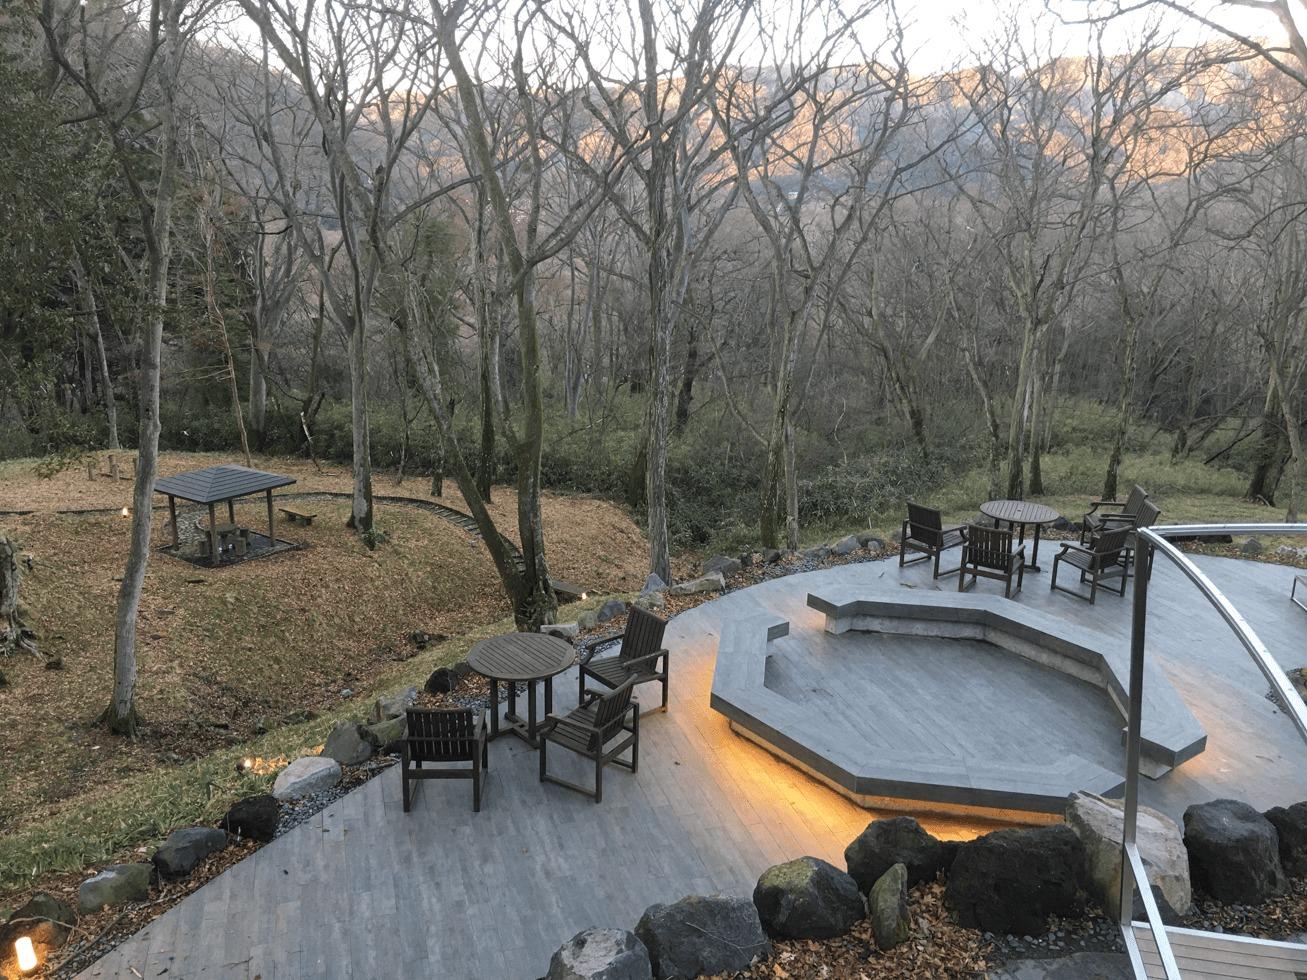 ライトアップされた金谷リゾート箱根の庭の写真